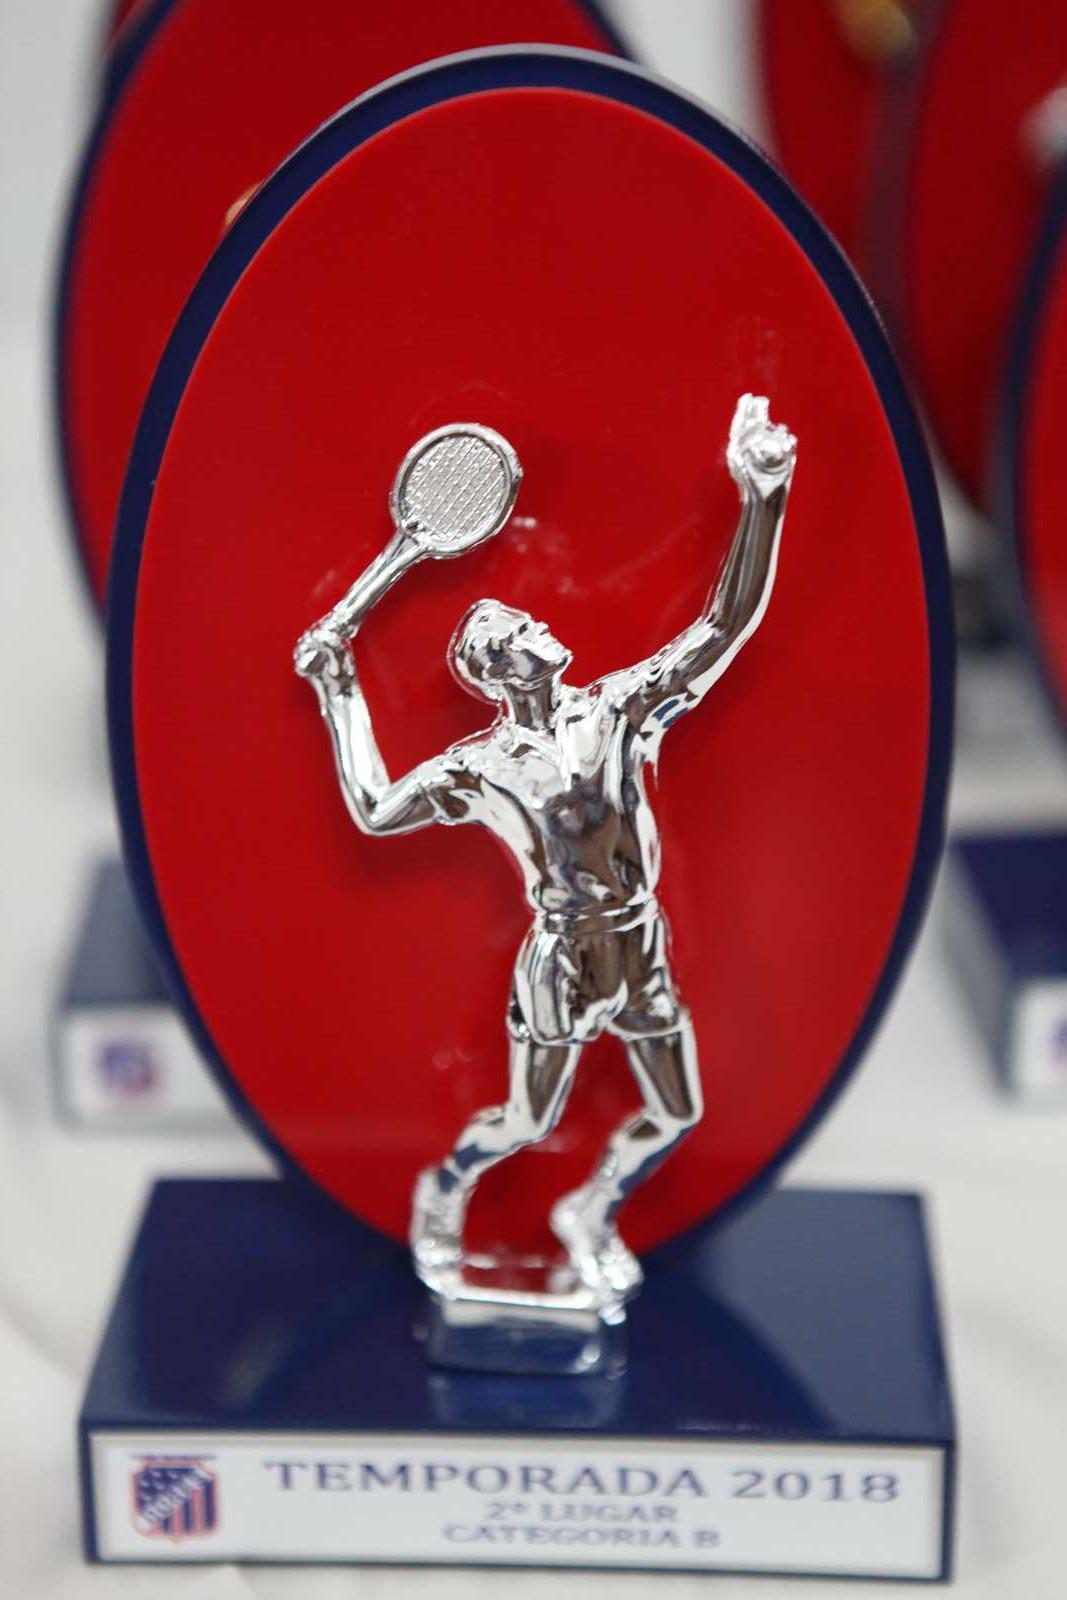 Confraternização de encerramento de temporada 2018 de tênis